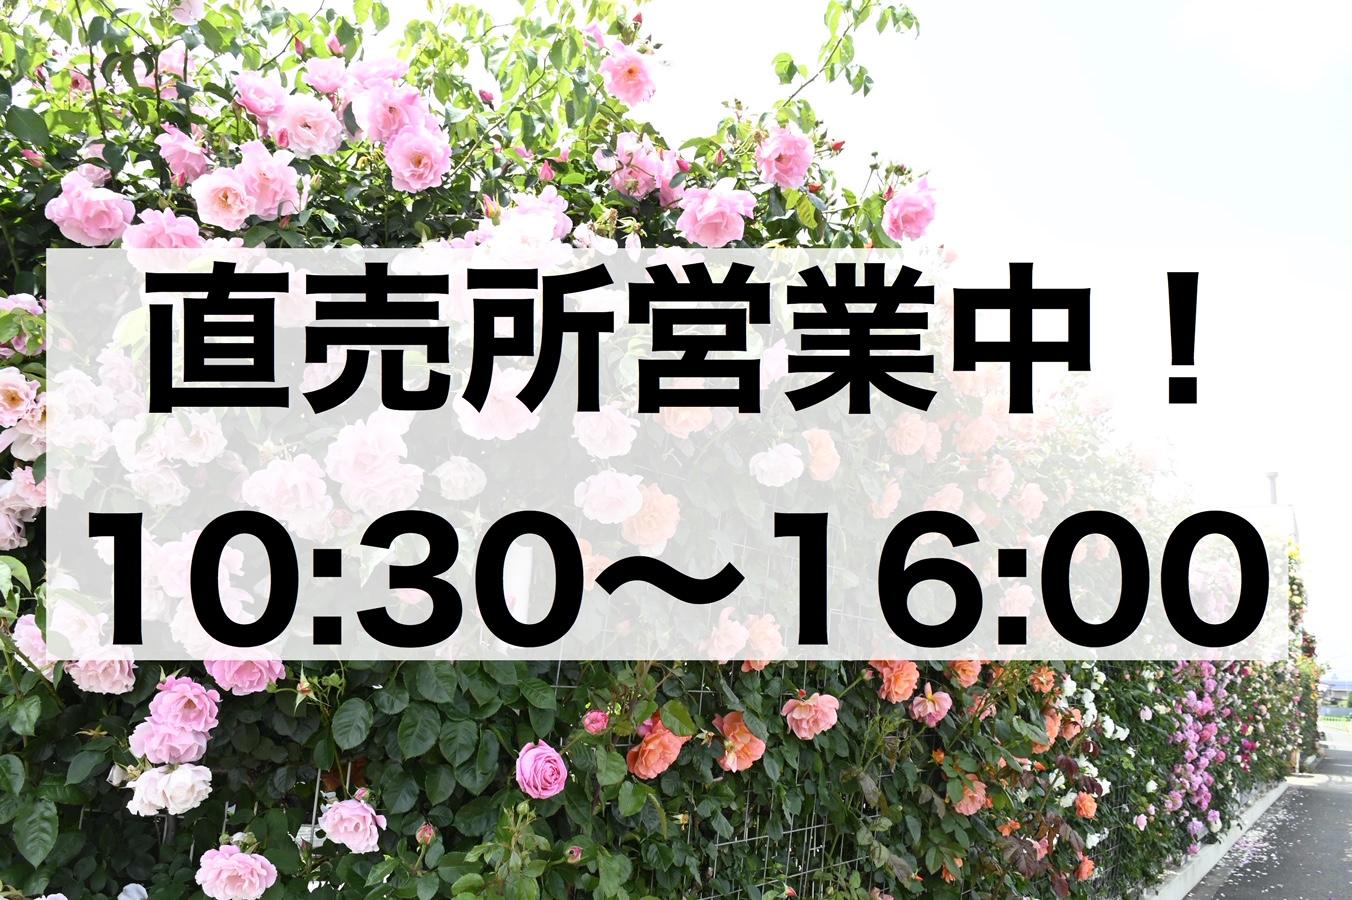 <em>直売所の営業について</em>篠宮バラ園の直売所は、4月5月6月のみの営業です。(秋苗、冬苗は直売所でも通販でもやっておりませんので、お買い忘れが無いようご注意ください!)<b>お知らせ</b>